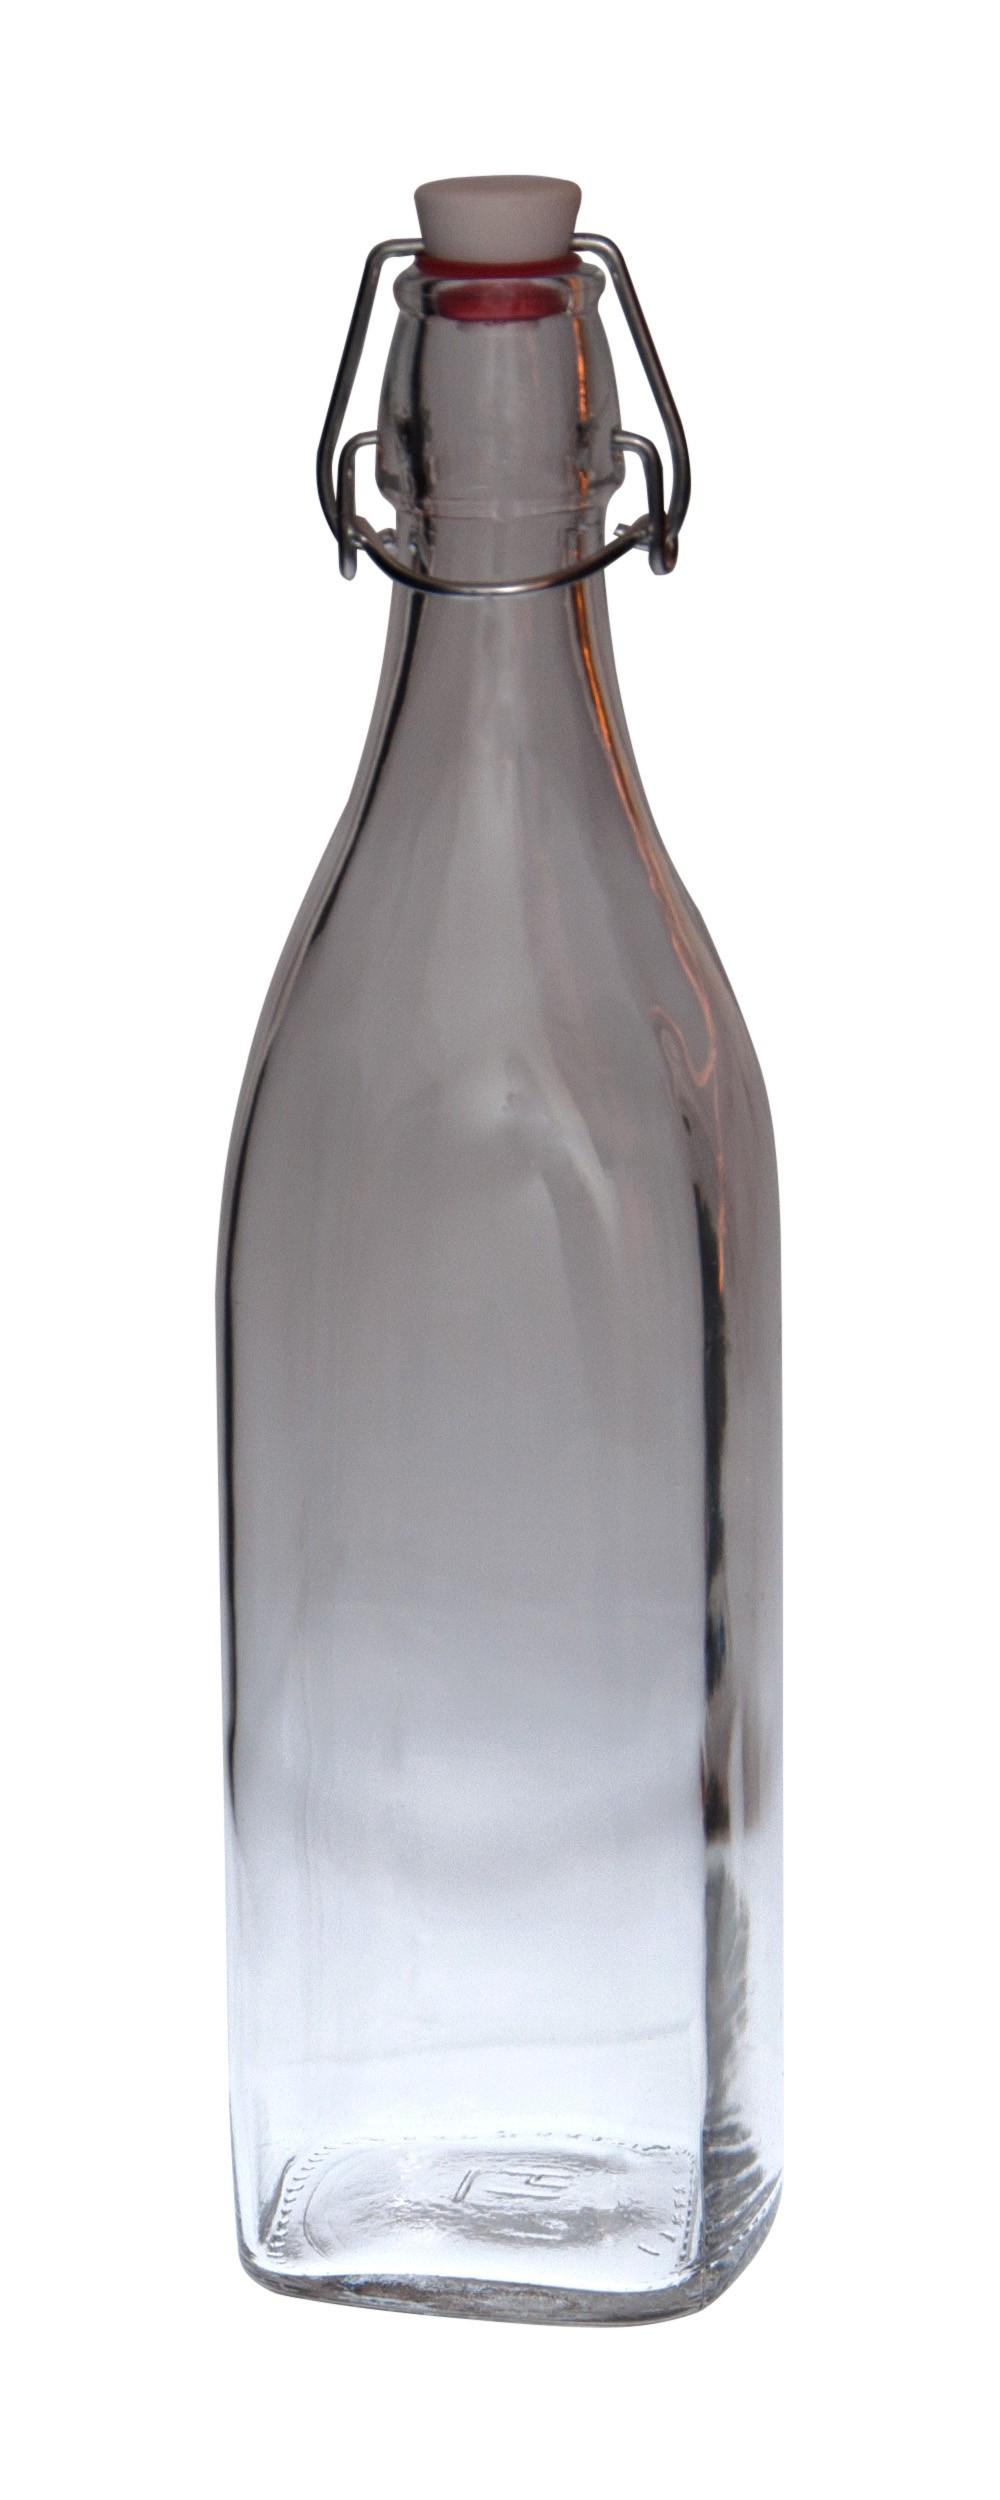 2er set glasflaschen serie swing mit b gelverschluss 1 00 liter glas flaschen. Black Bedroom Furniture Sets. Home Design Ideas